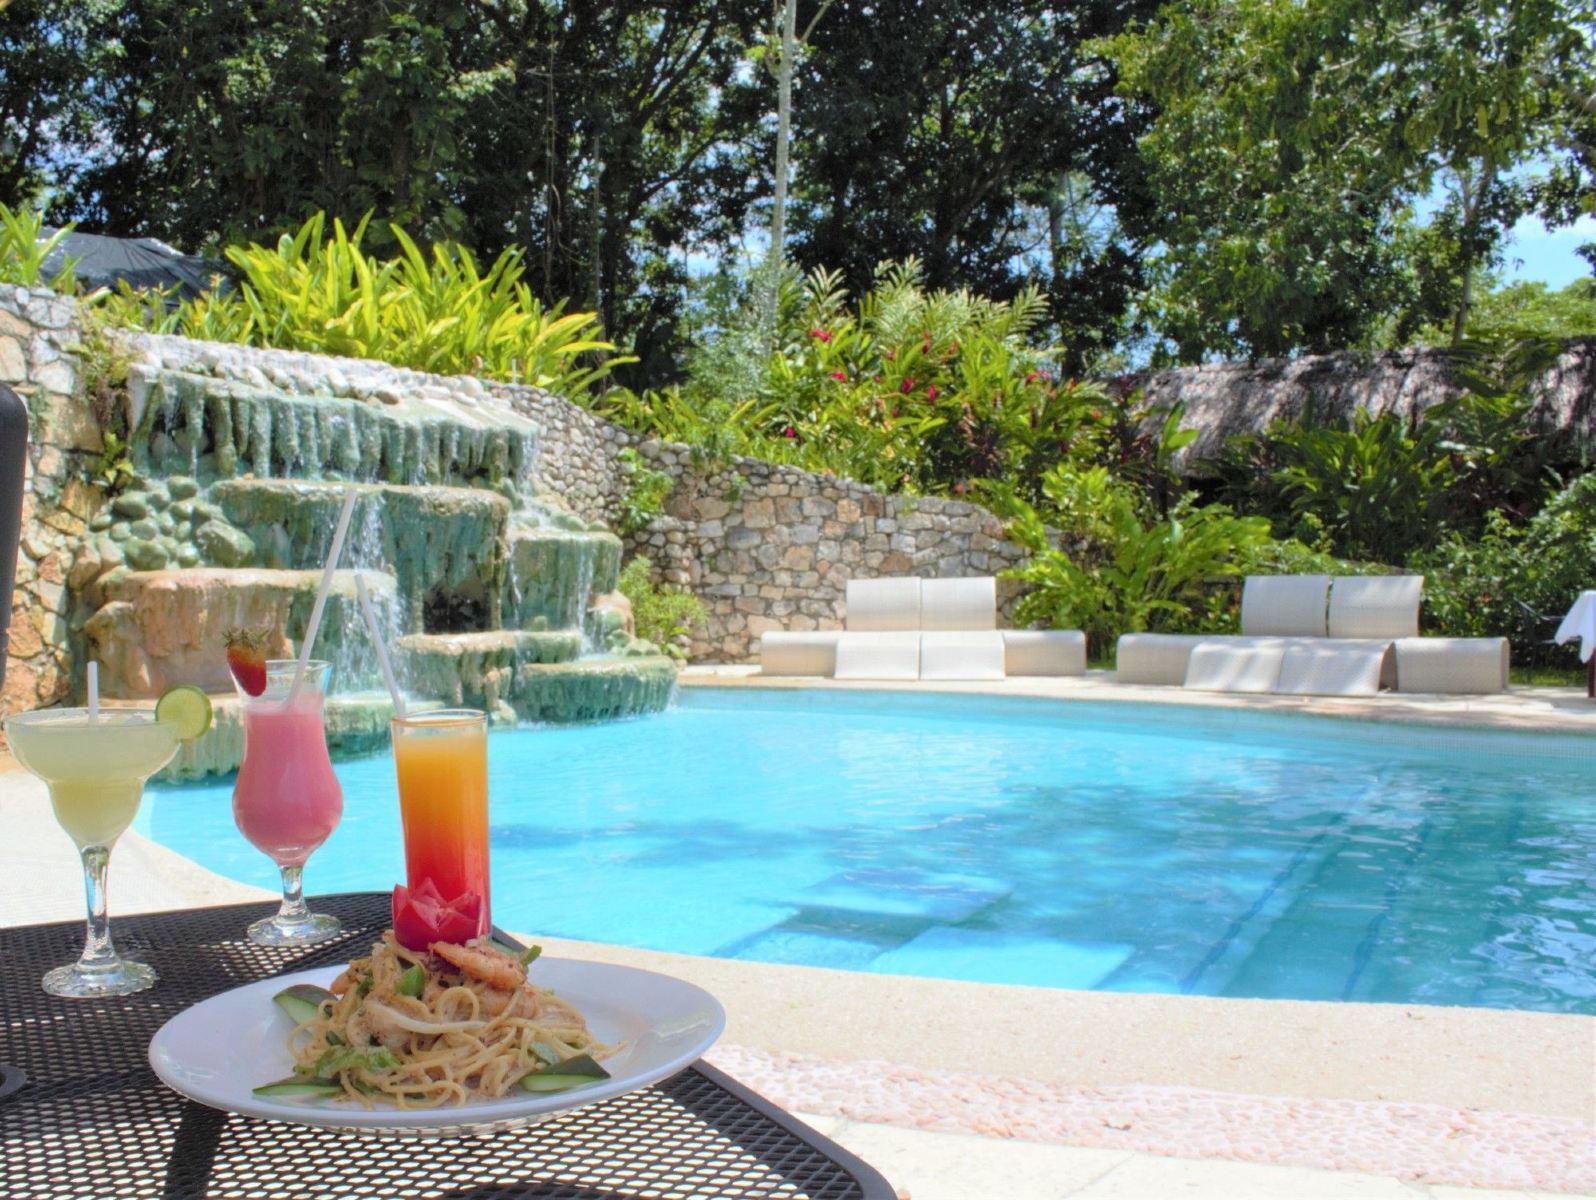 Hotel Aldea Palenque Mexico3